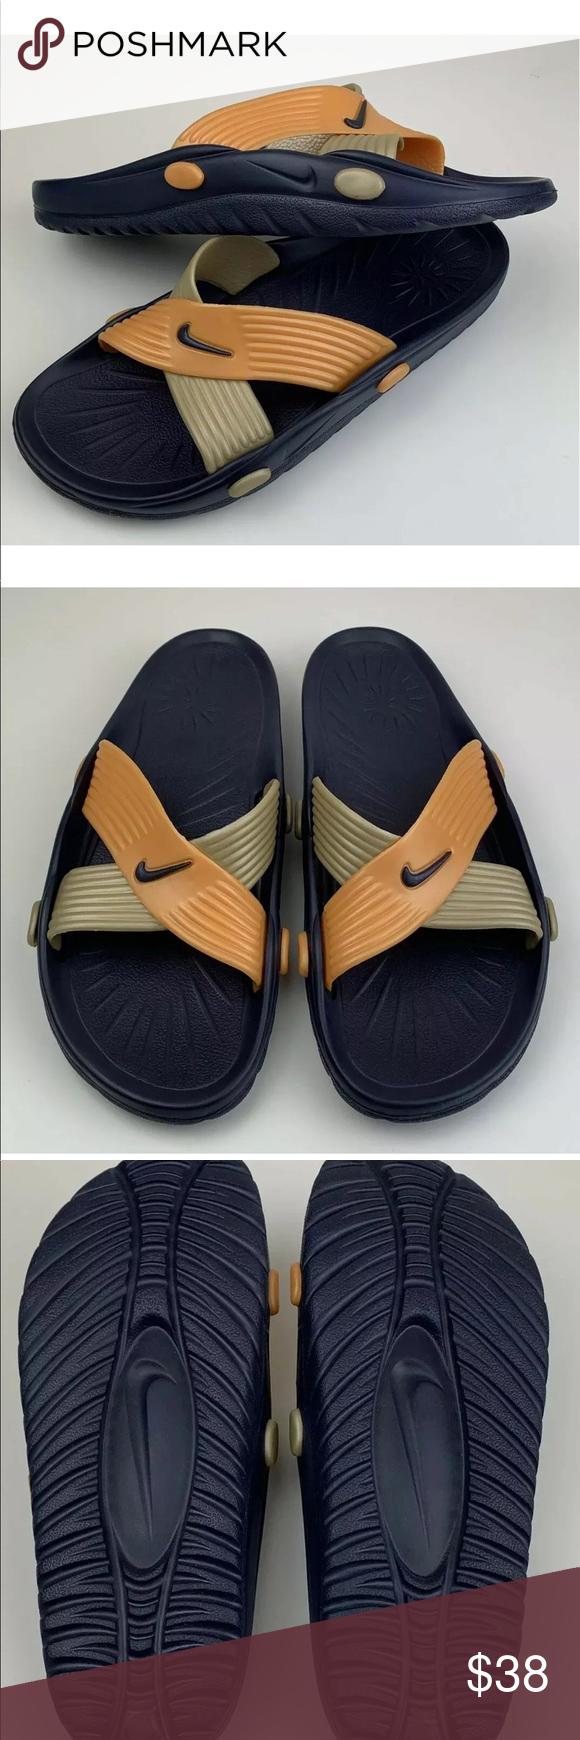 VTG 90s Nike slides sandals women's 10